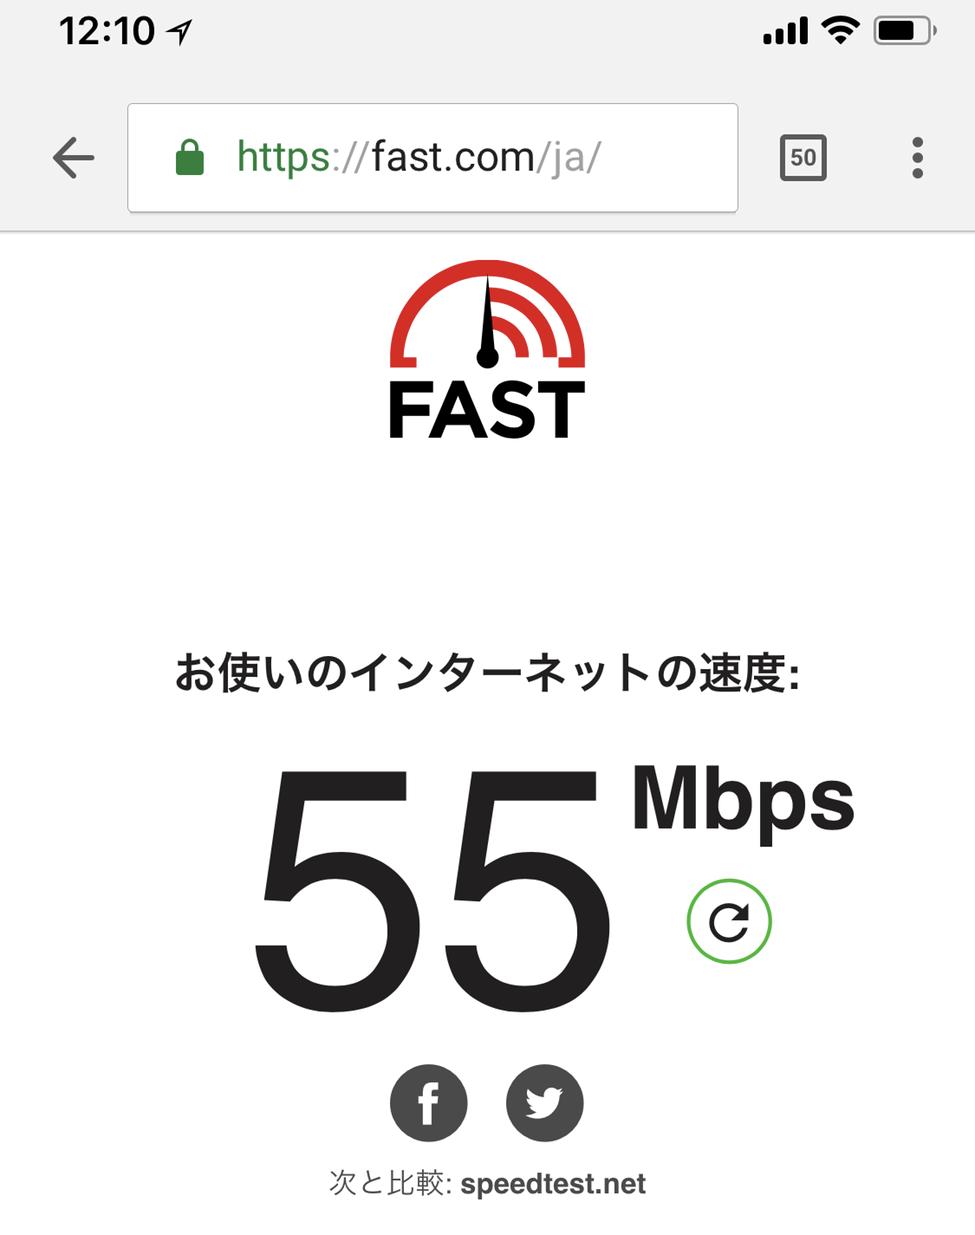 WifiレンタルどっとこむでレンタルしたWi-FiルーターSoftbank 303ZTでの通信速度測定結果